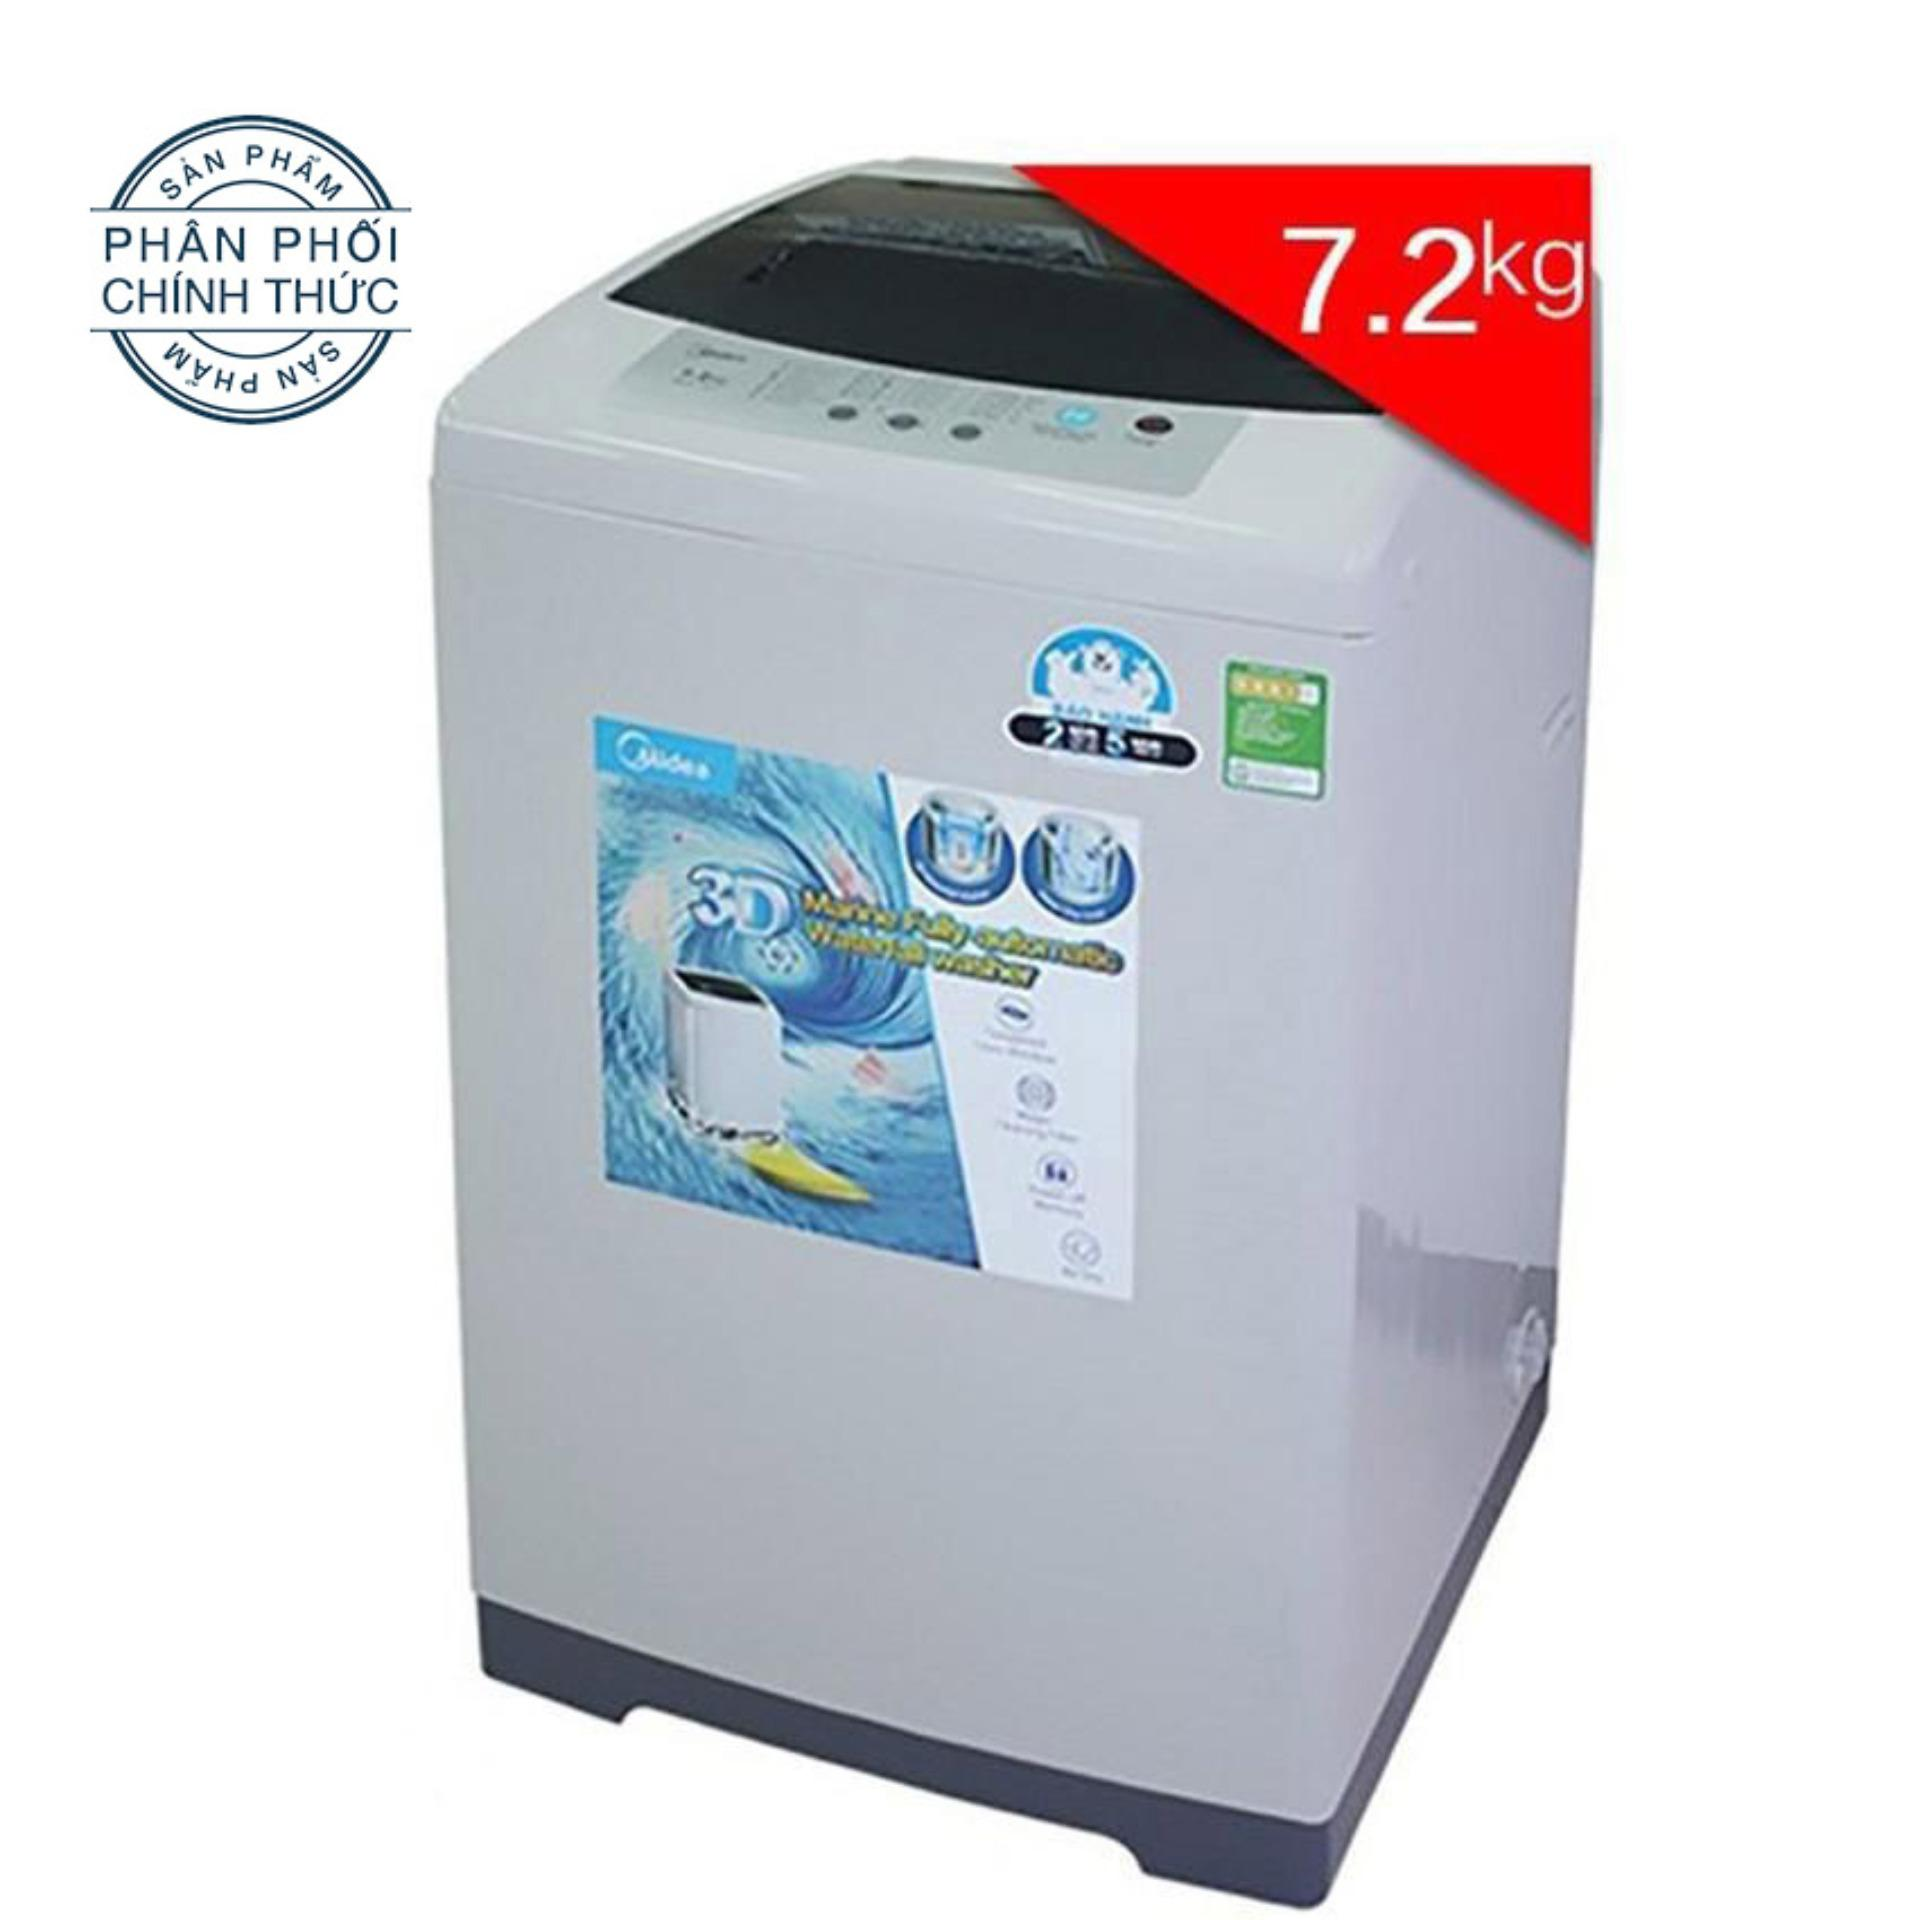 Hình ảnh Máy Giặt Cửa Trên Midea MAS-7201 (7.2Kg) (Xám nhạt)